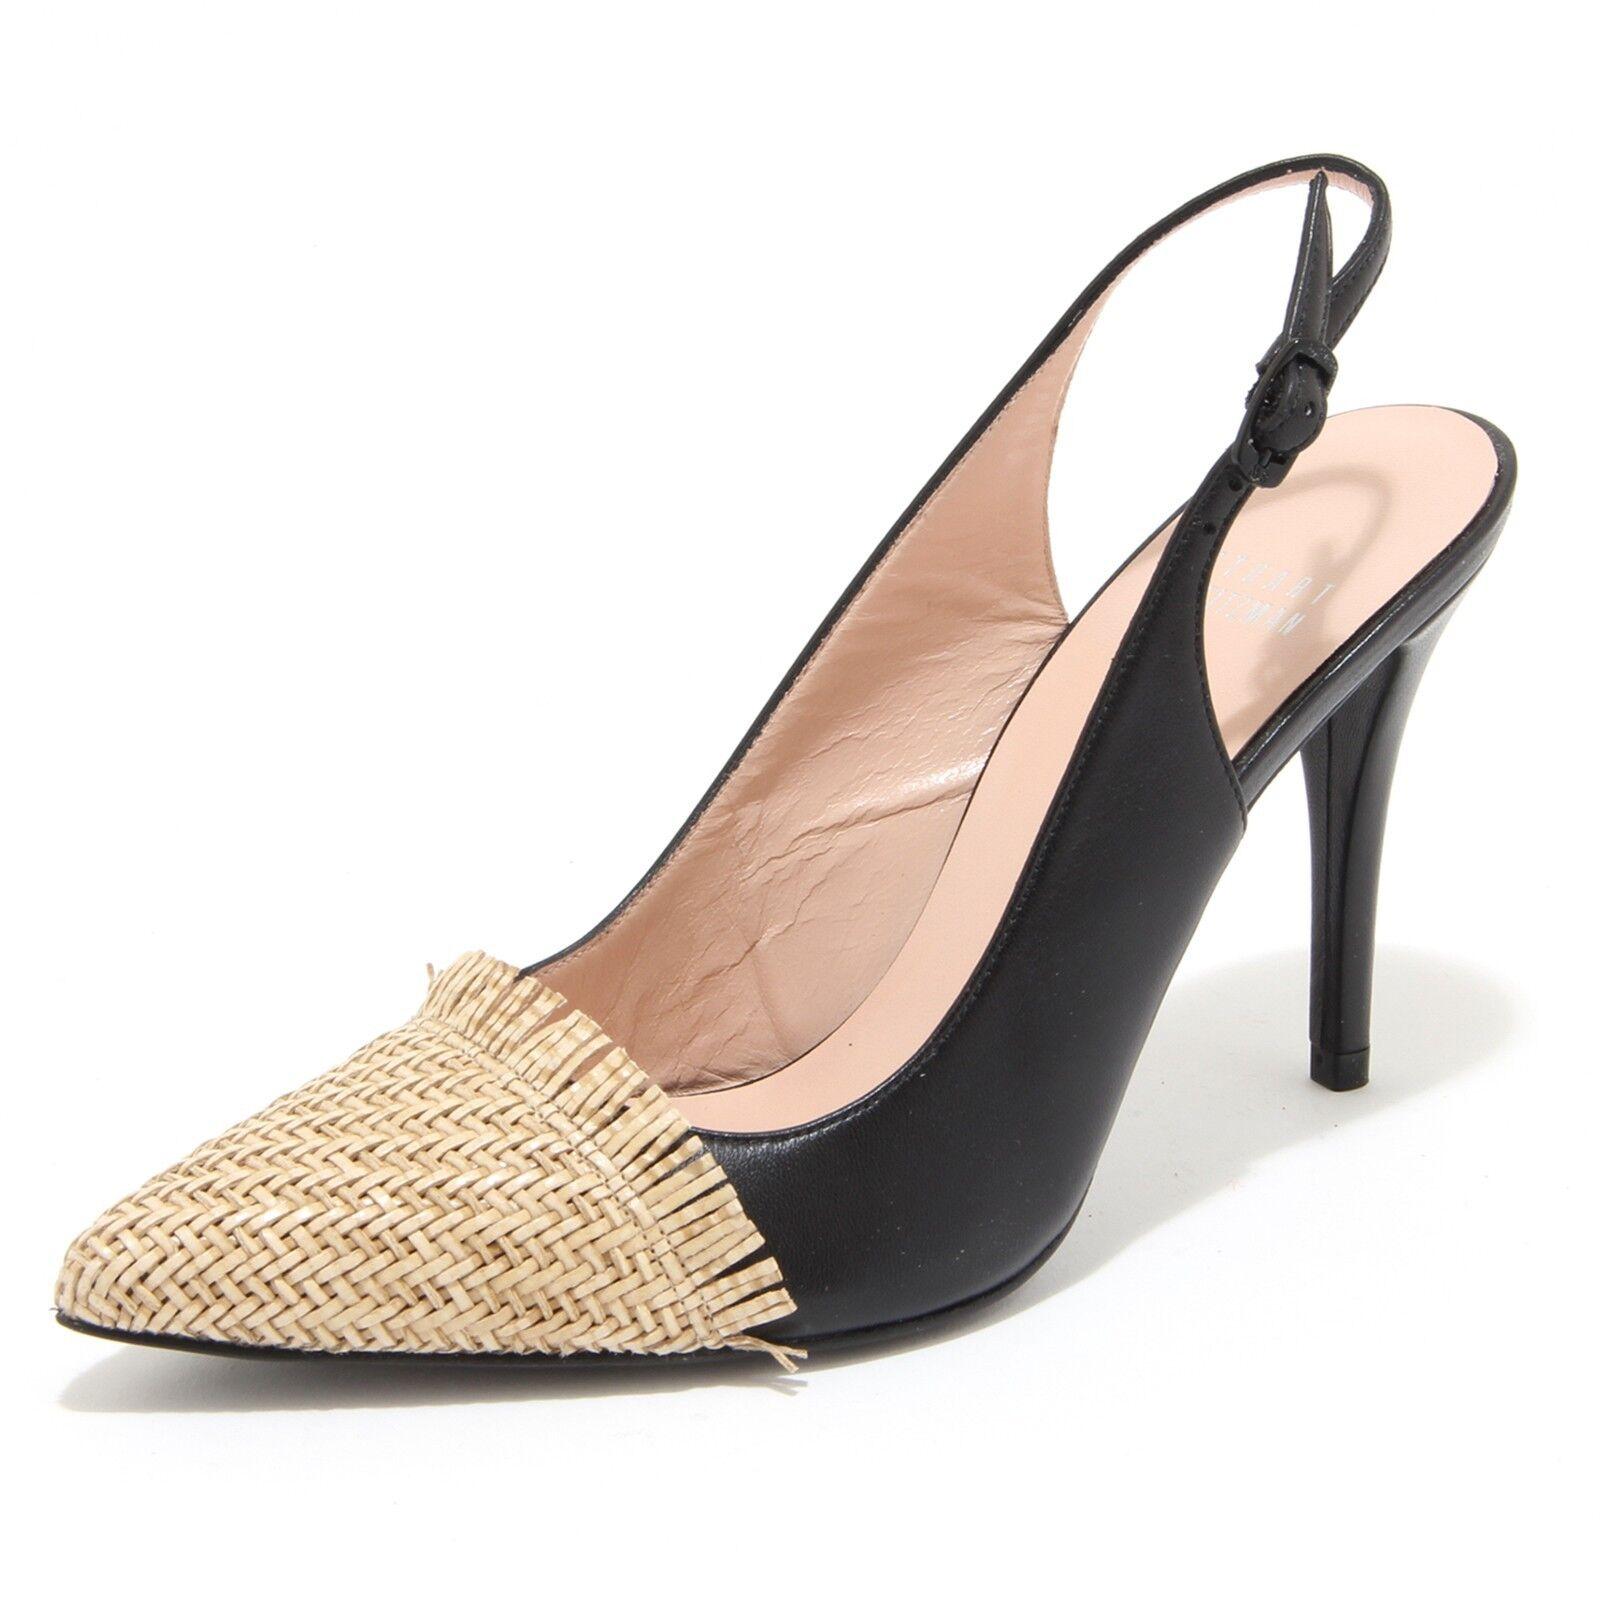 5502m decollete pequeños mujer Stuart Weitzman toptips decolte mujer heels heels heels zapatos  40% de descuento